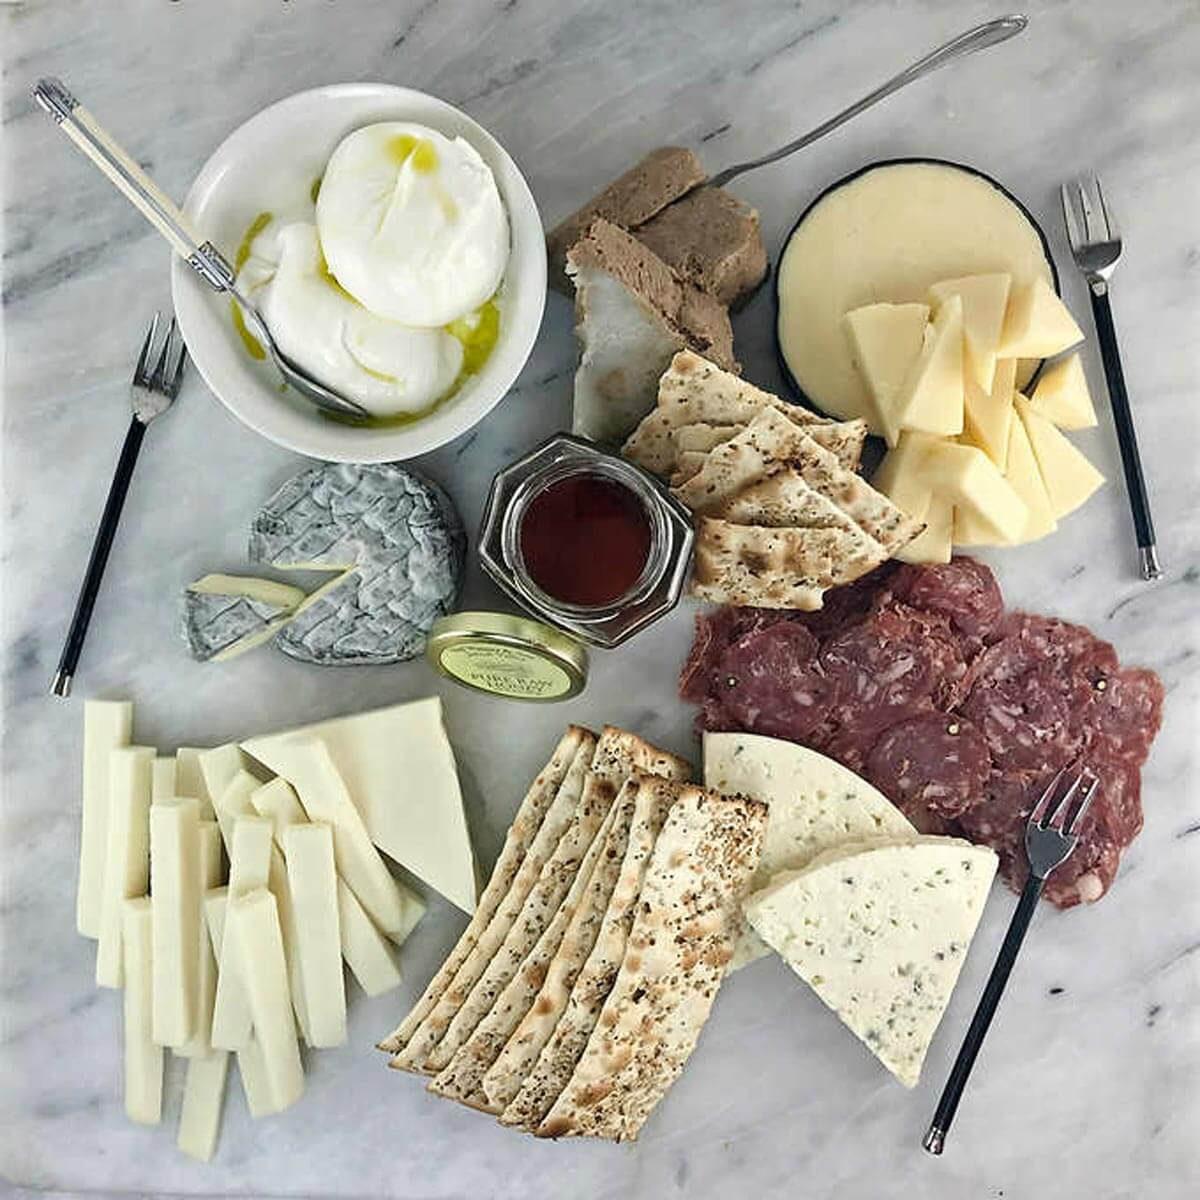 Artisan Cheese & Cracker Selection costco